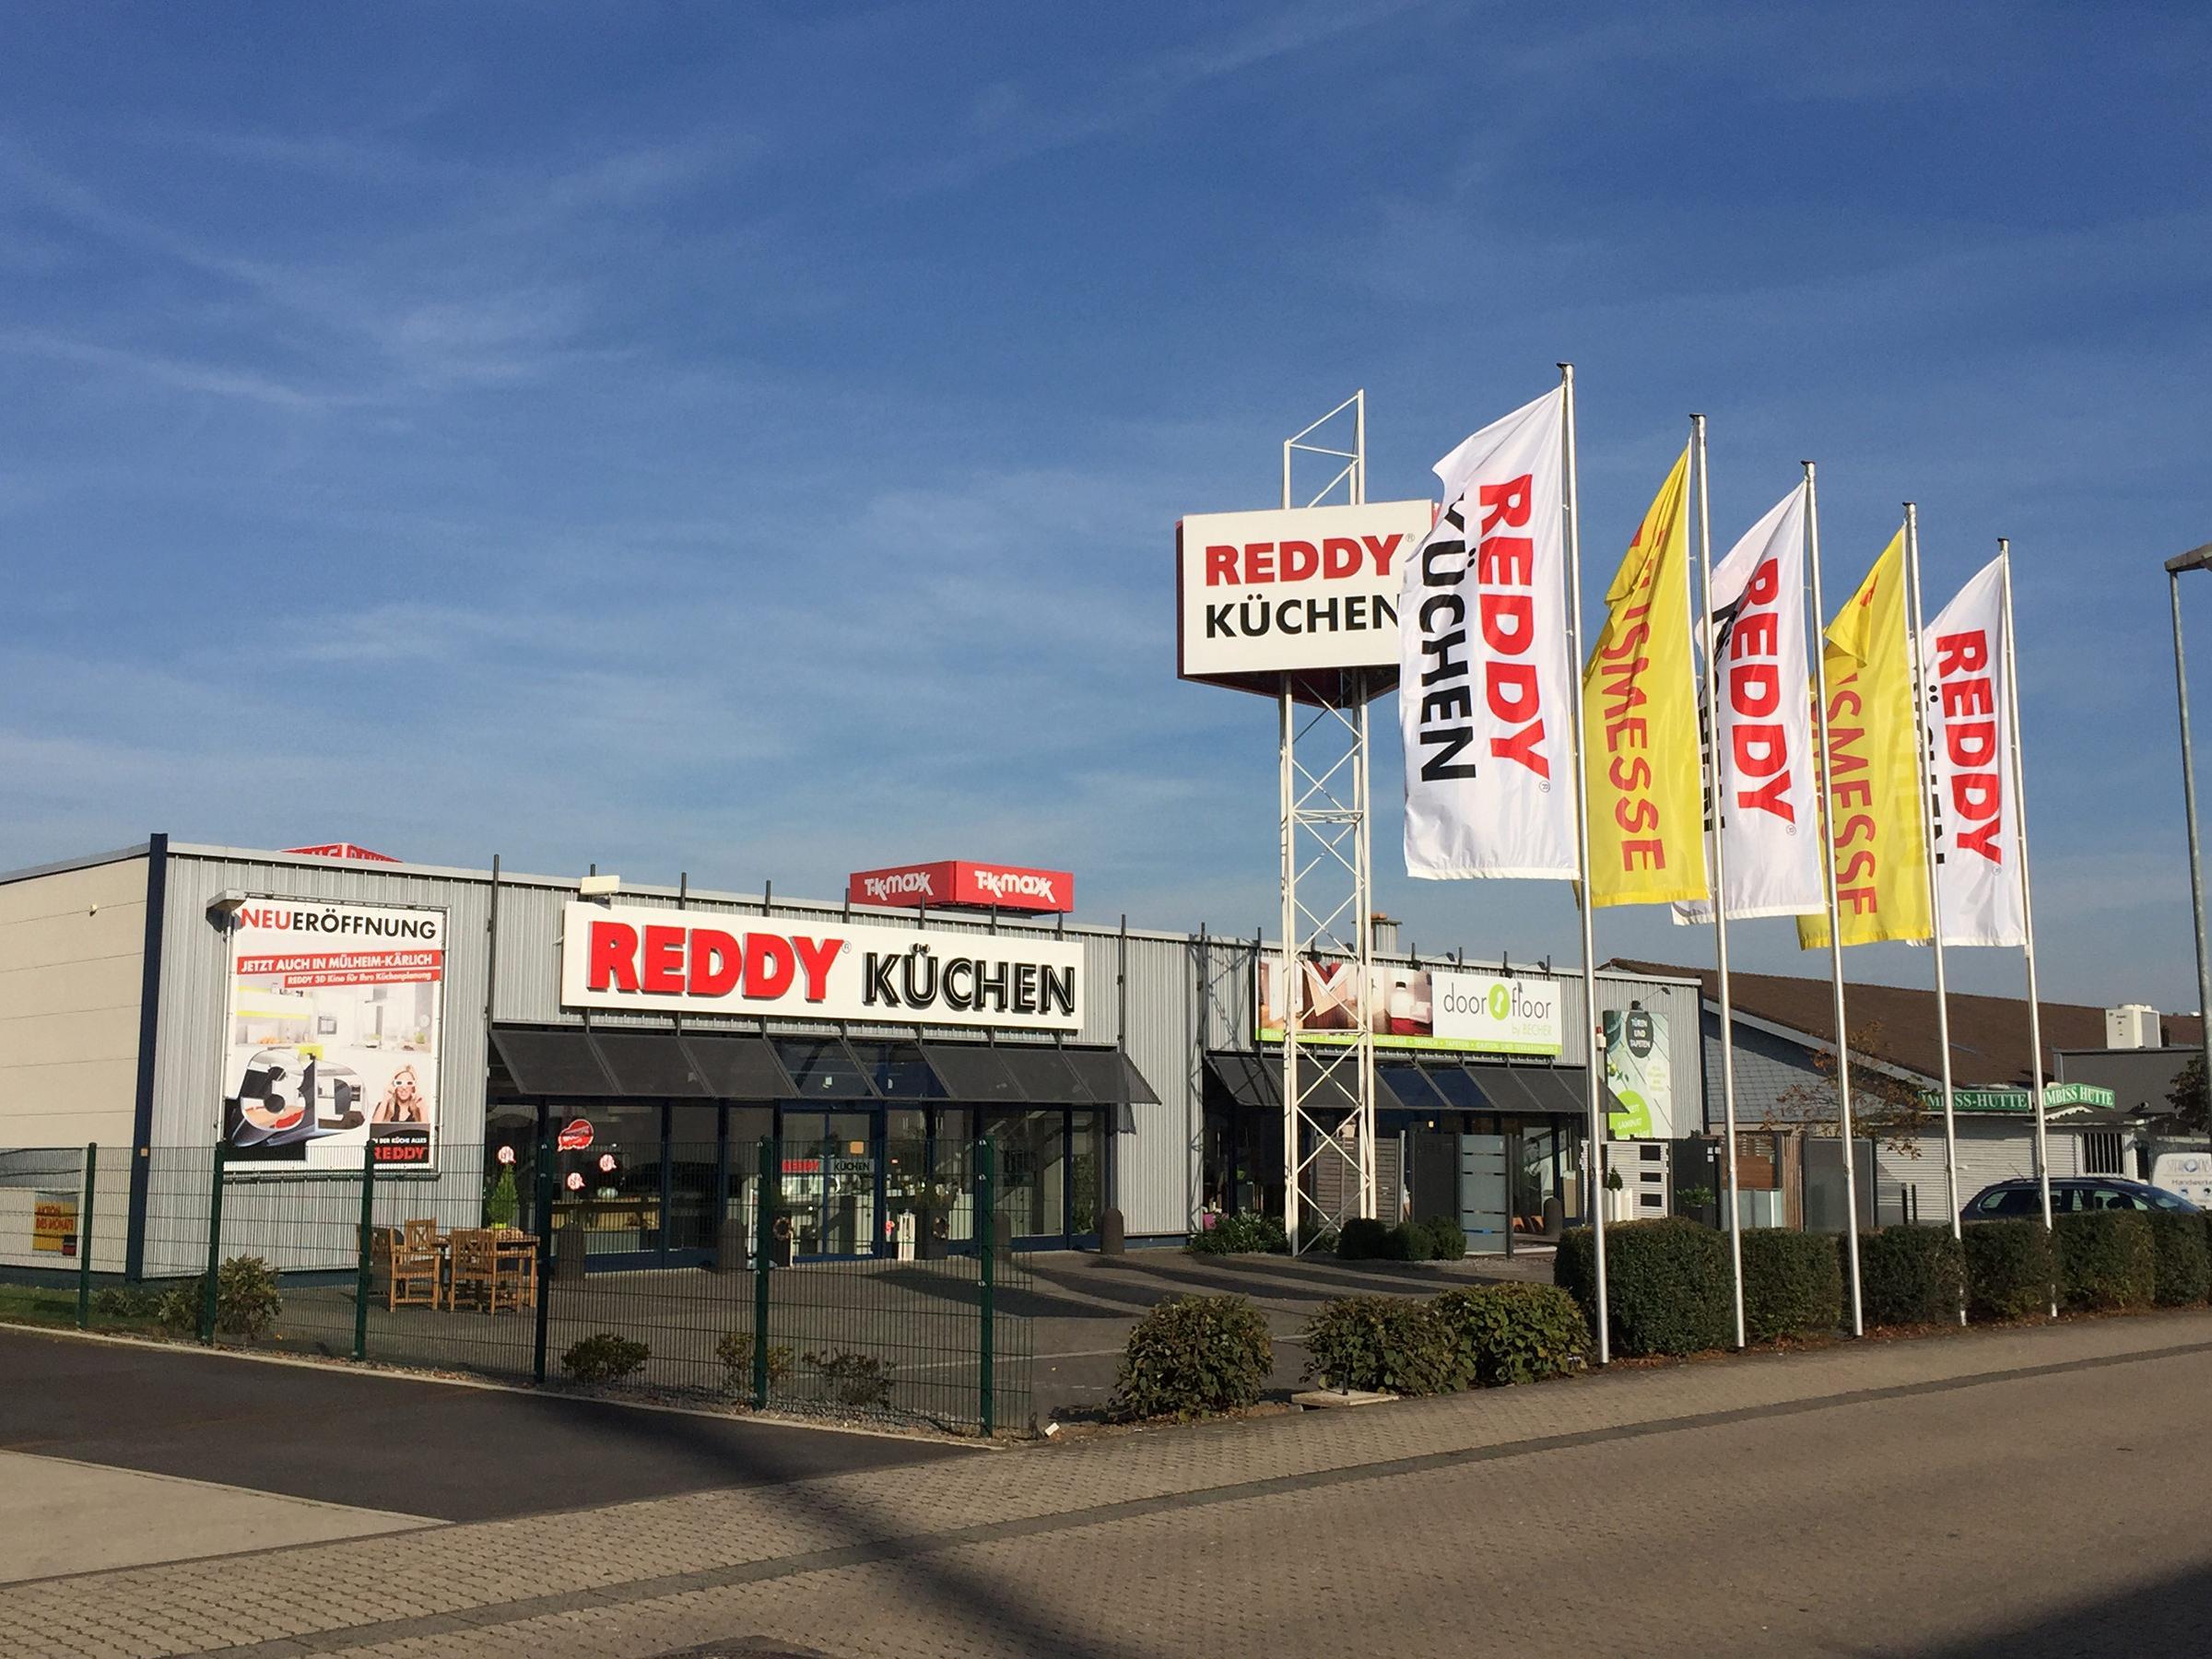 reddy küchen kaiserslautern: tolle küchen & top-service. best ...